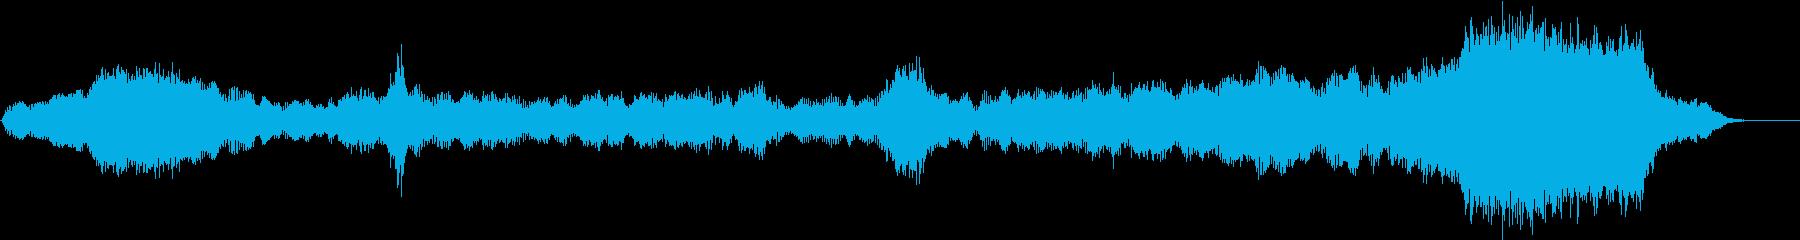 緊迫した音響曲(ピアノ入り)の再生済みの波形